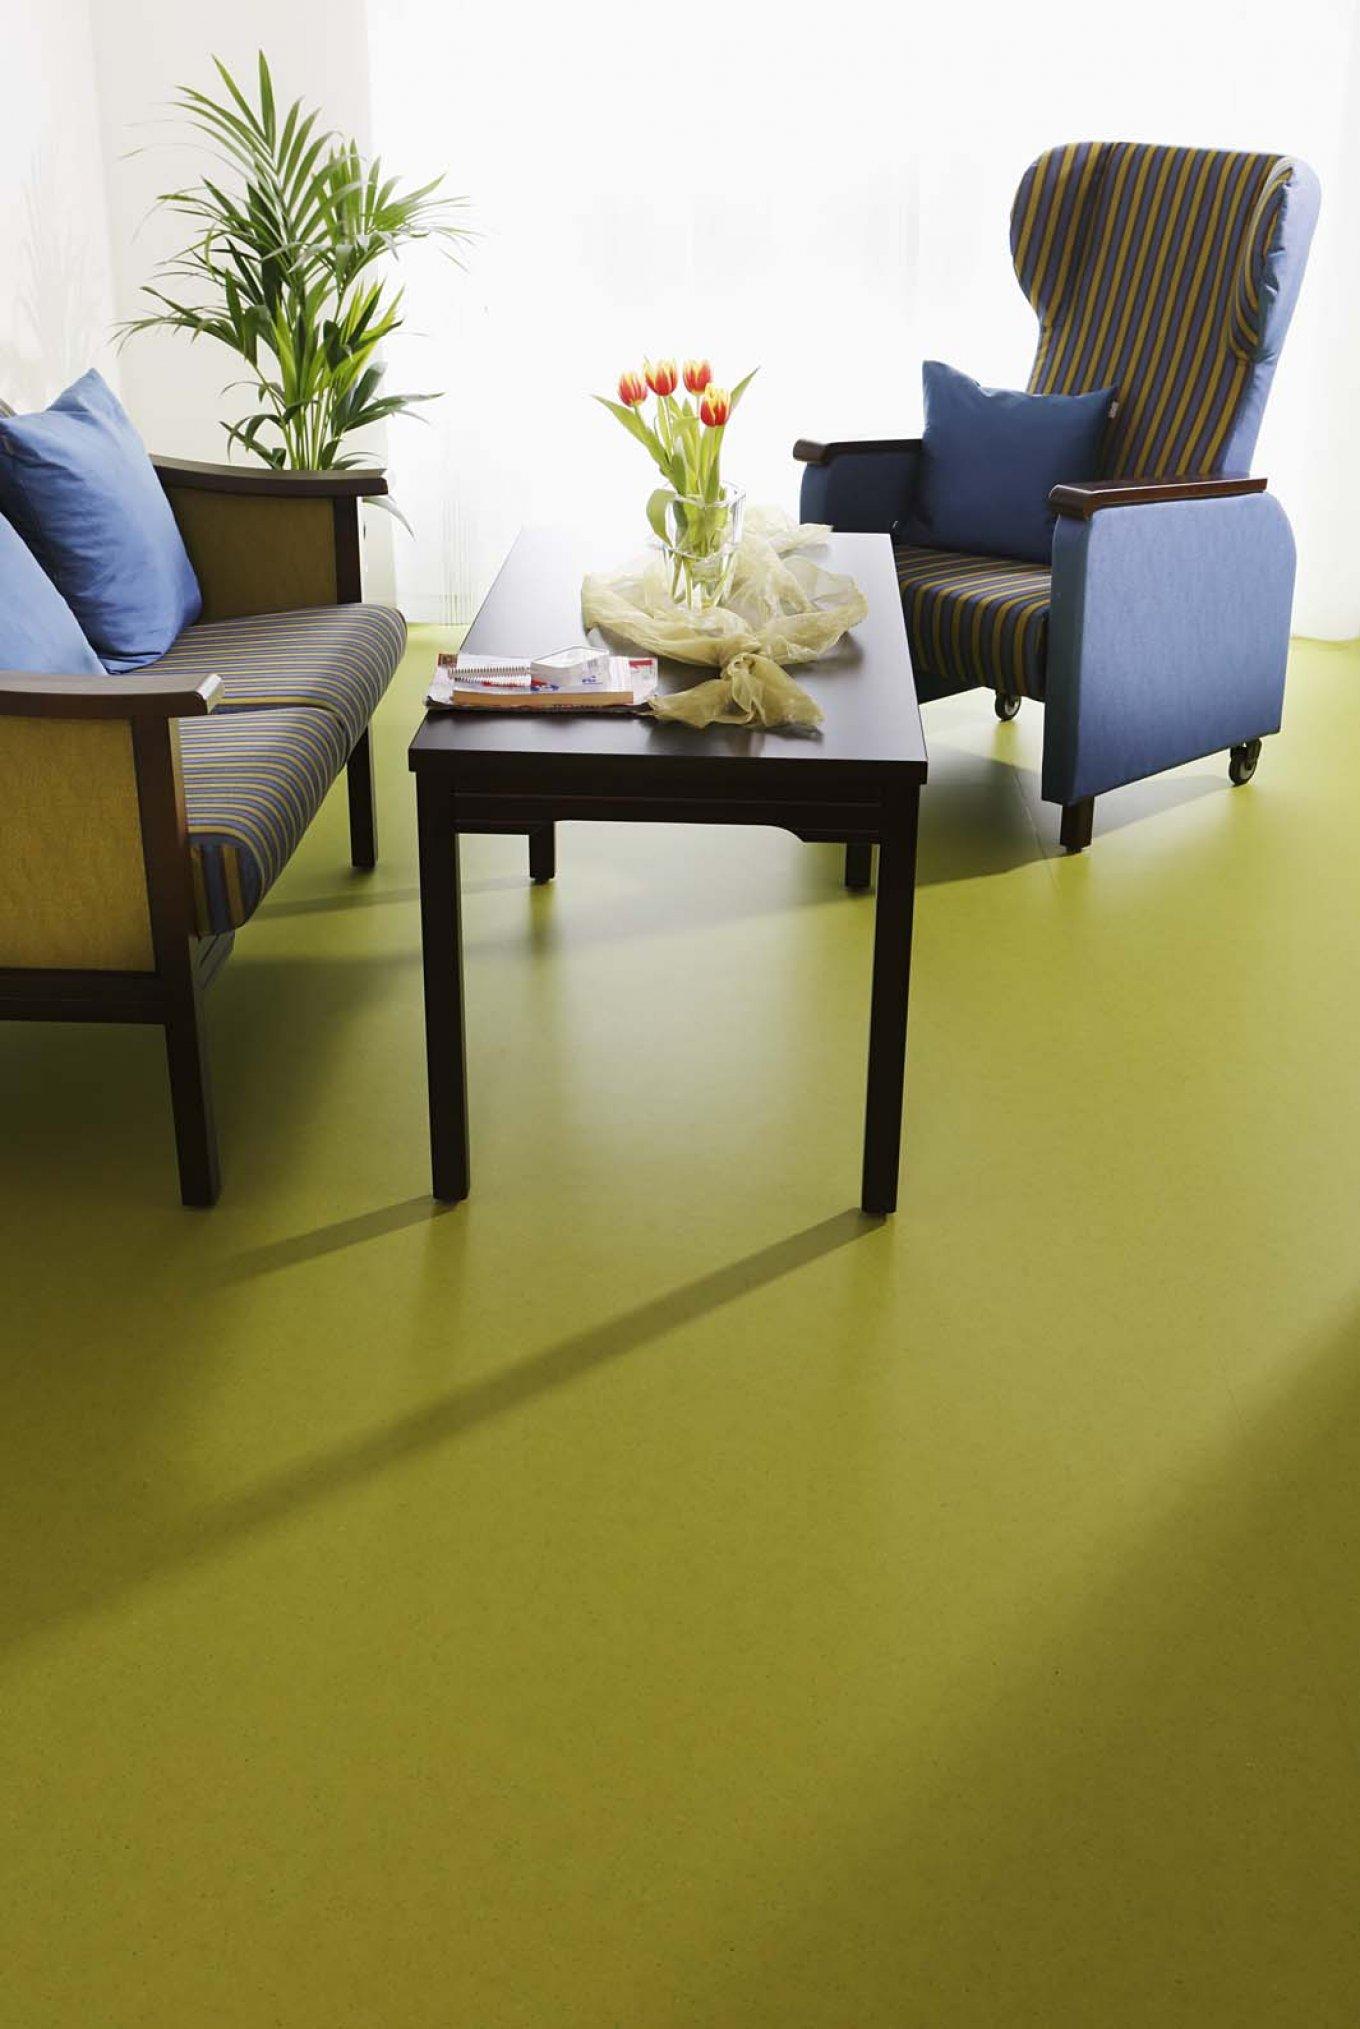 wineo PURLINE Bioboden im Altenpflegeheim Sofa Sessel Couch Bodenbelag grün